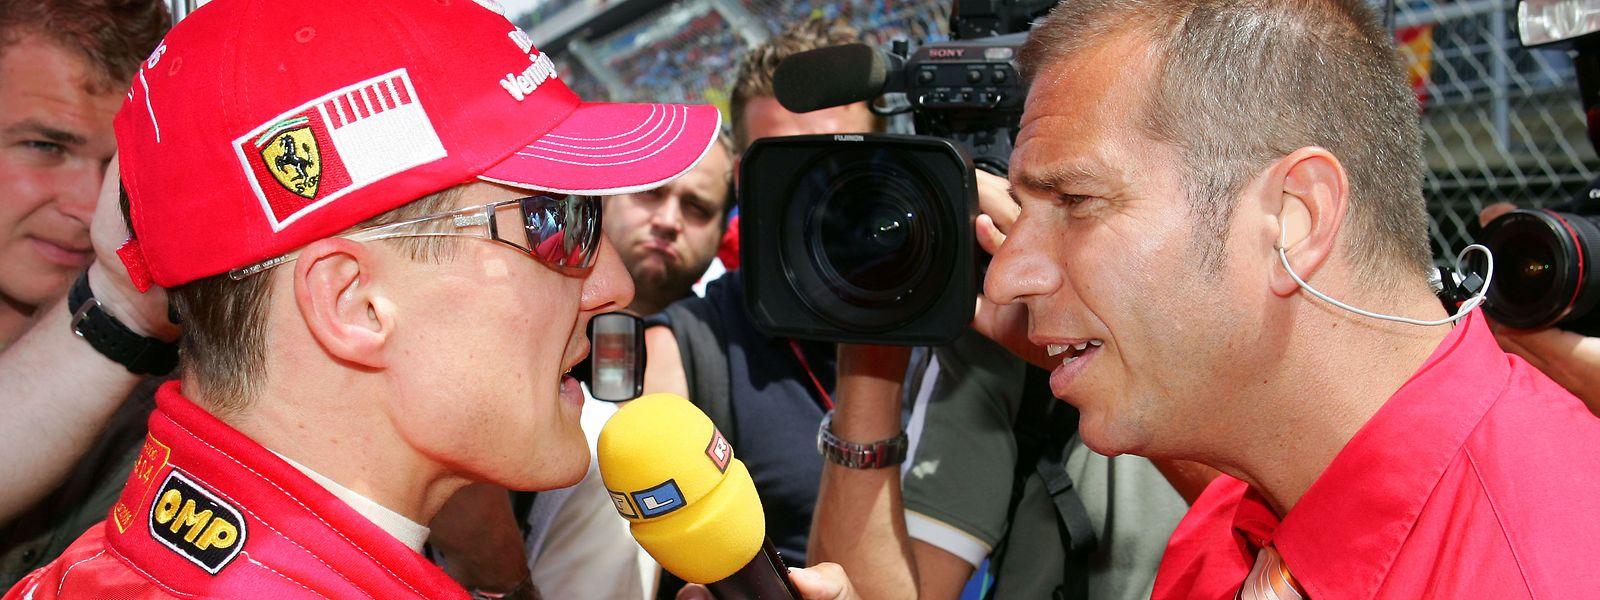 Kai Ebel und RTL gehören für viele Luxemburger einfach zur Formel 1 dazu. Auch Michael Schumacher plauderte gerne mit dem Reporter.